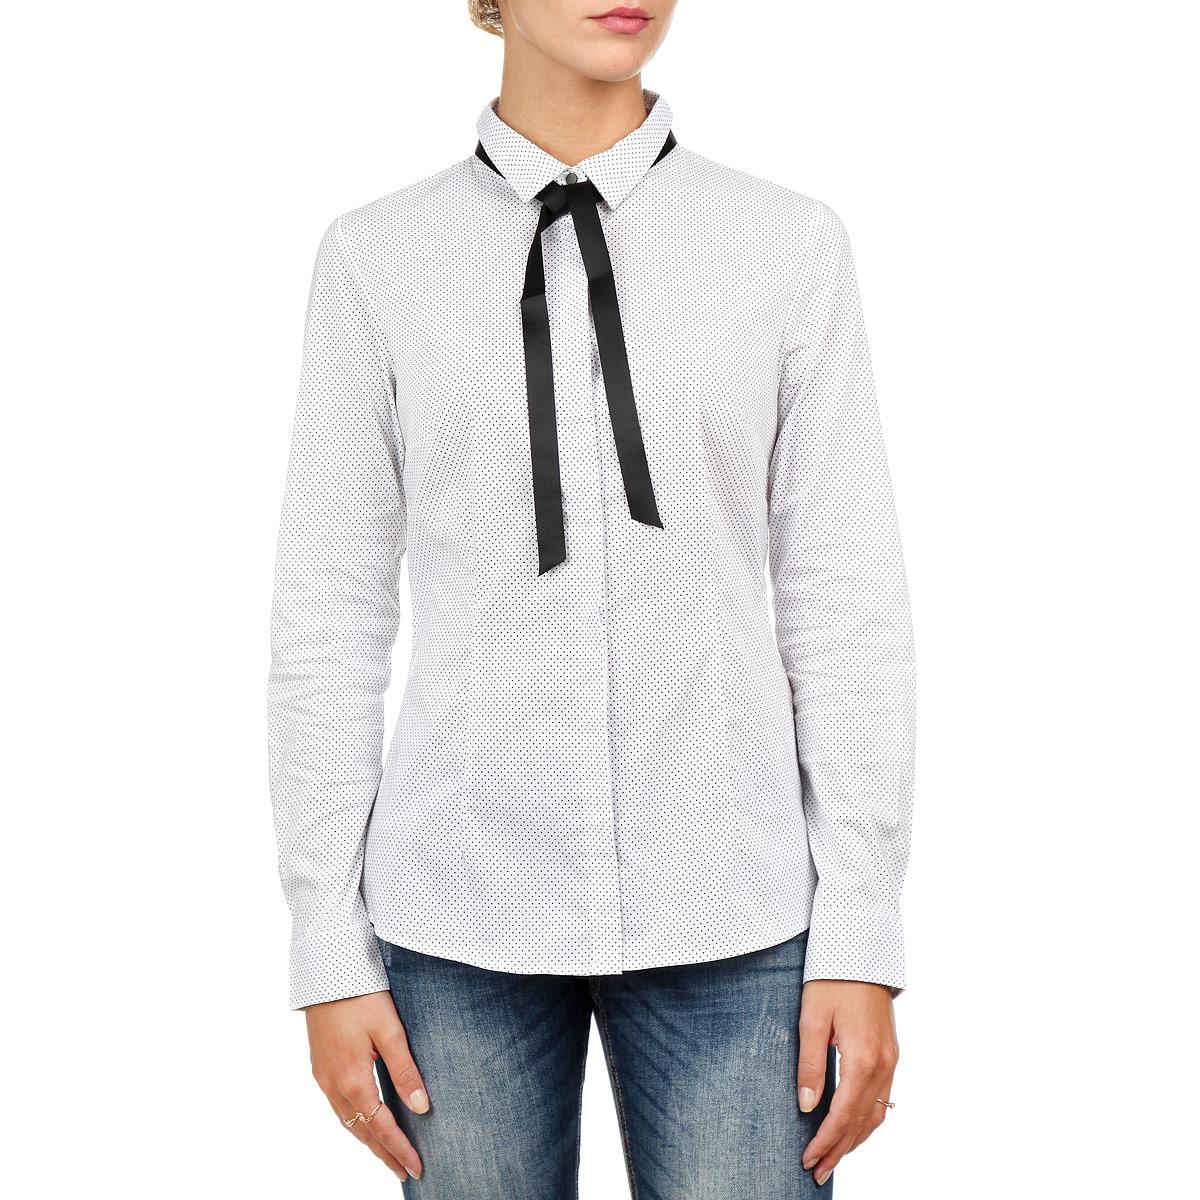 БлузкаB-112/607-5362Симпатичная женская блузка Sela, изготовленная из высококачественного материала, необычайно приятная на ощупь, не сковывает движения и позволяет коже дышать, не раздражает даже самую нежную и чувствительную кожу, обеспечивая наибольший комфорт. Модель облегающего силуэта с длинными рукавами и отложным воротником застегивается на пуговицы. Блузка оформлена принтом в мелкий горошек и под воротничком декорирована текстильной лентой контрастного цвета. Эта блузка идеальный вариант для вашего гардероба. Такая модель порадует настоящих ценителей комфорта и практичности!